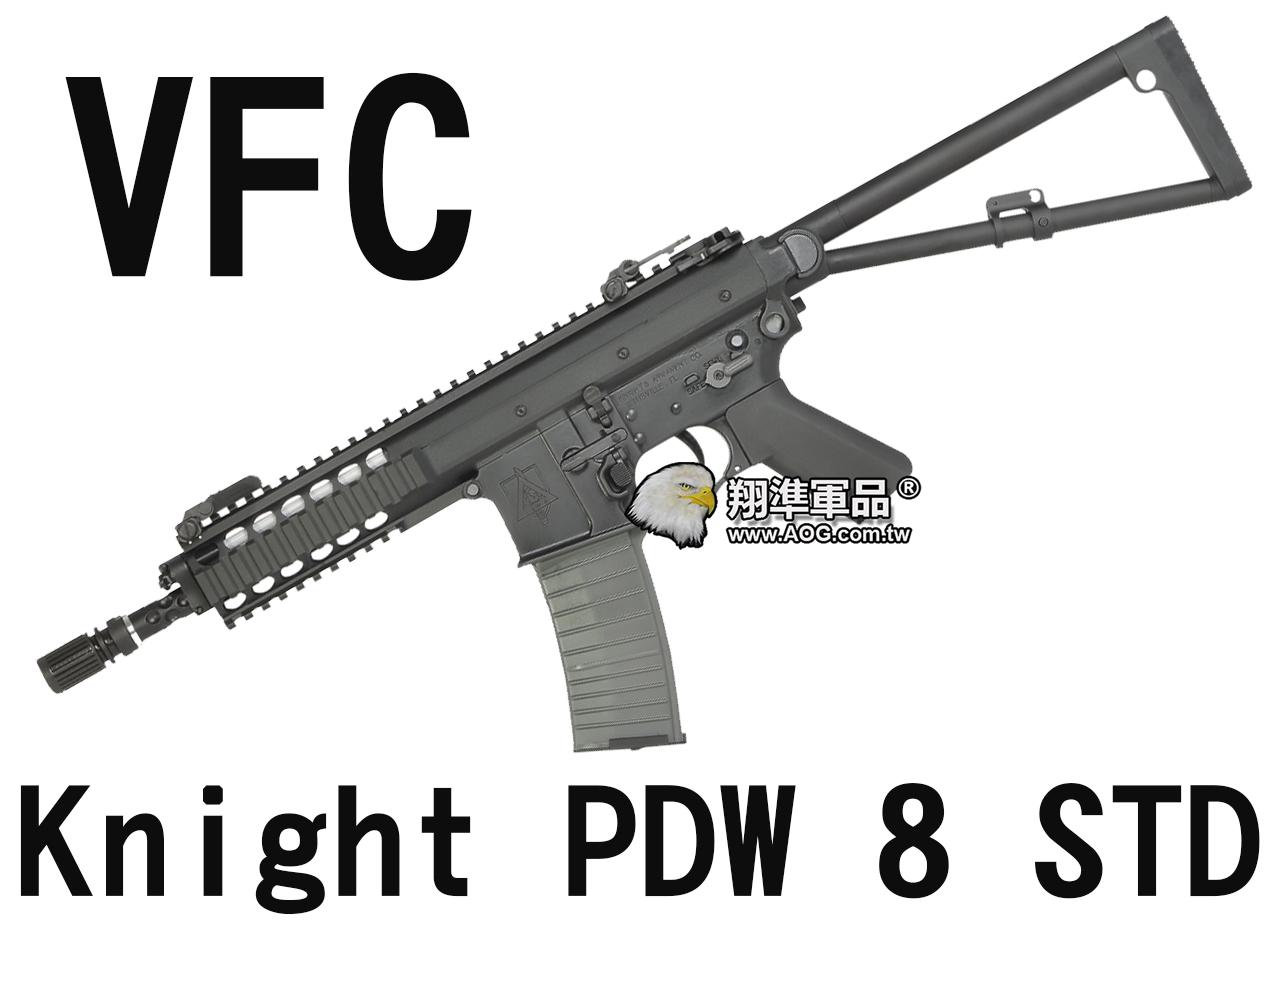 【翔準軍品AOG】【VFC】Knight PDW  8 STD 三角摺疊托 魚骨版 電動槍 長槍 衝鋒槍 黑色 VF1-LKPDW-BK02